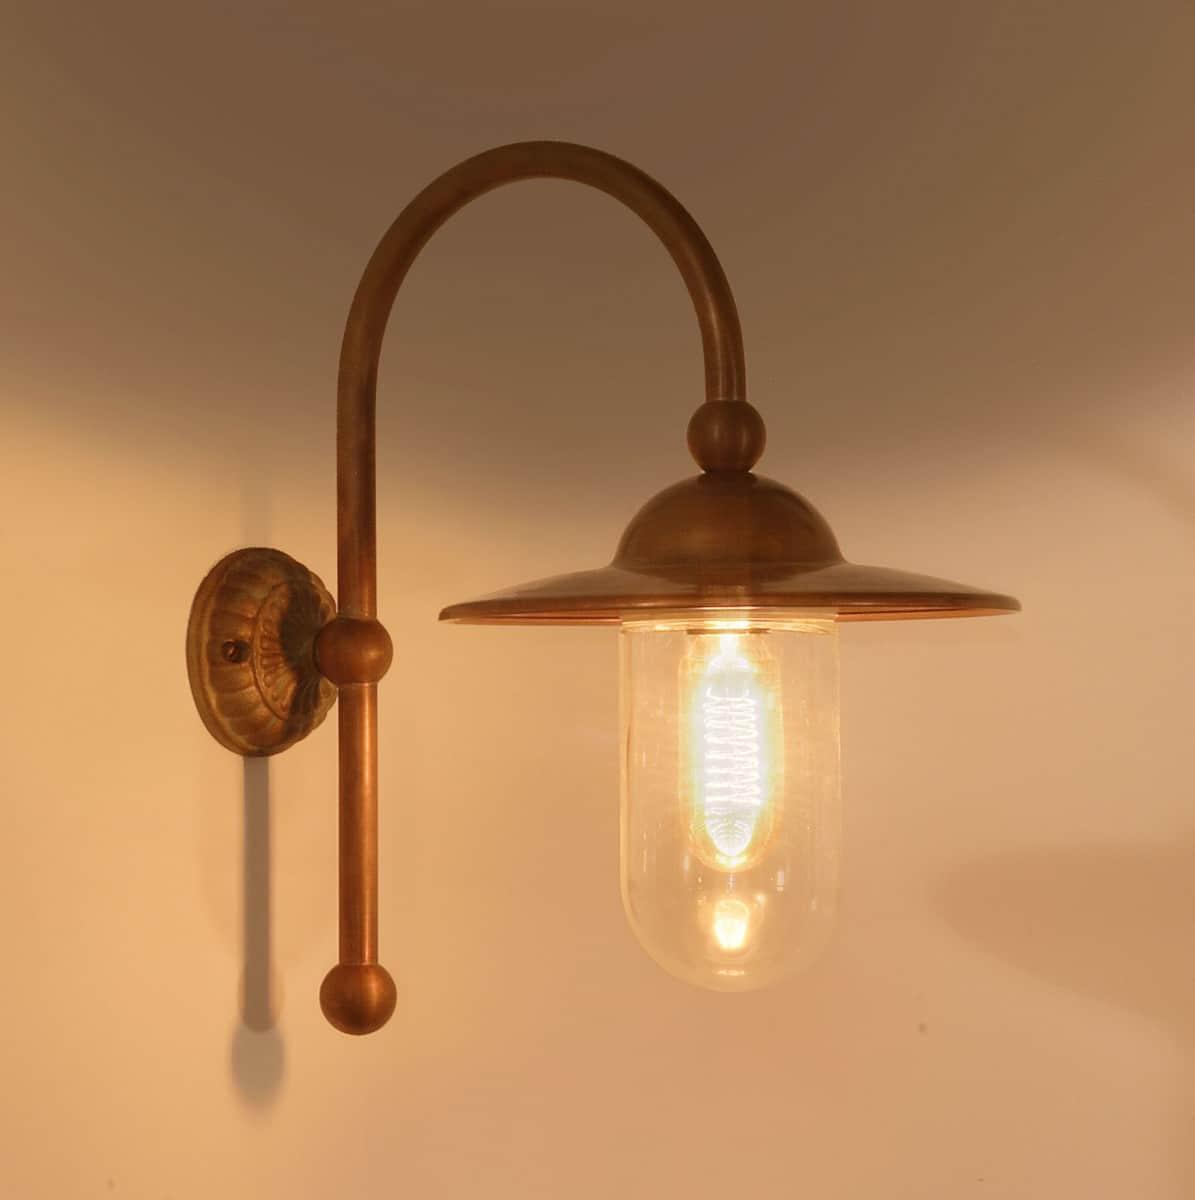 Tierlantijn verlichting 713 Piavon Landelijke koperen buitenlamp verouderd koper